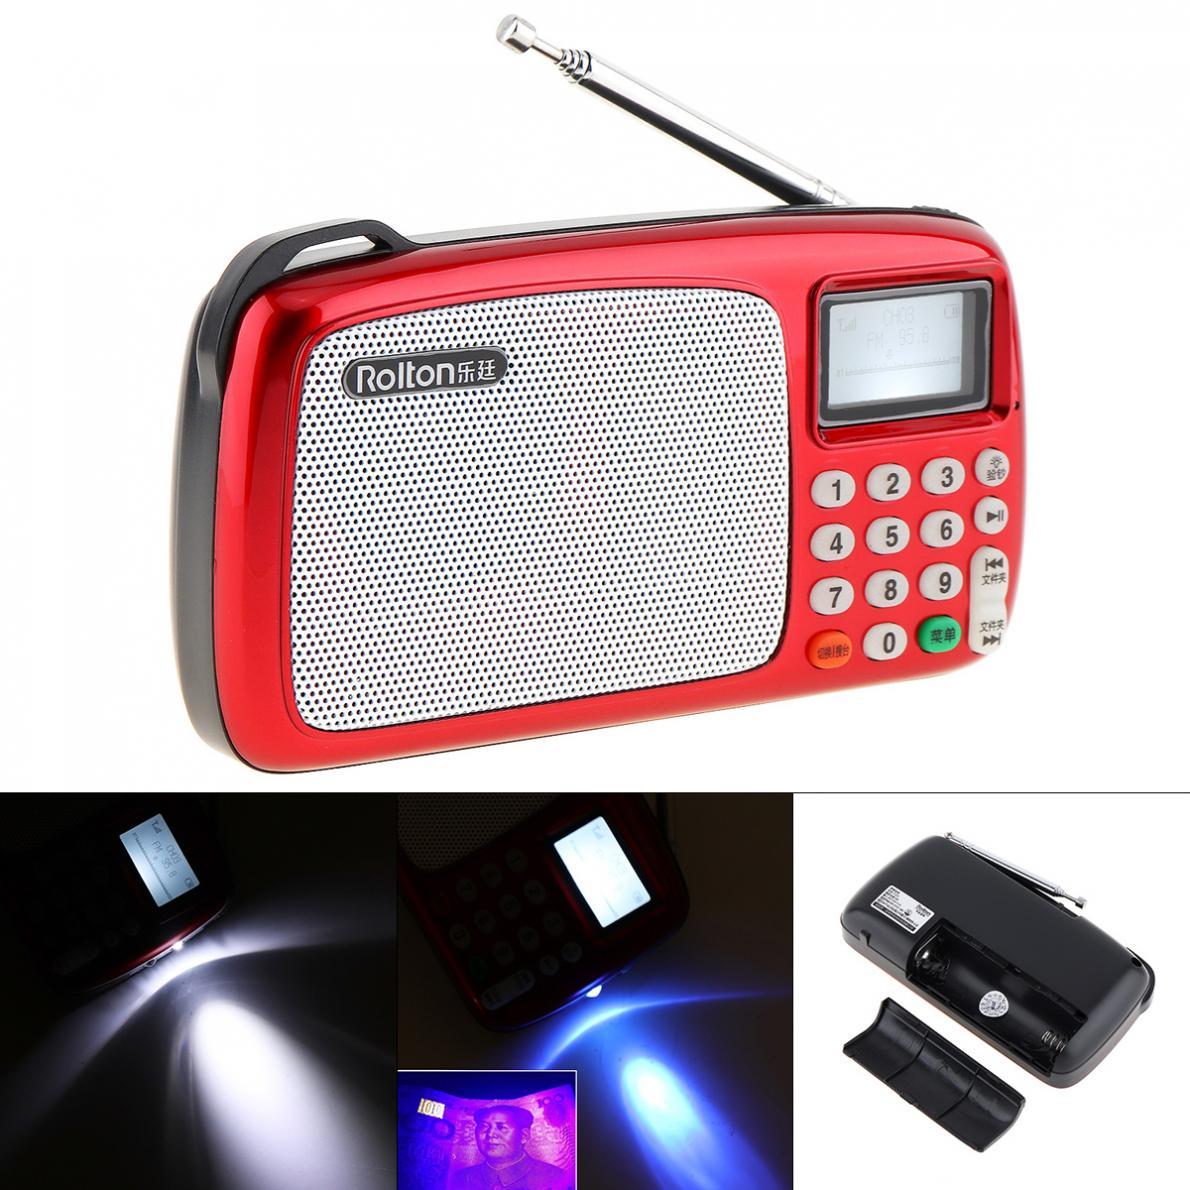 Radio Rolton T303 Tragbare Tf Karte Usb Fm Radio Lautsprecher Mit Led-anzeige Mp3 Musik Player/taschenlampe Lampe/geld überprüfen Für Ältere/kinder Unterhaltungselektronik